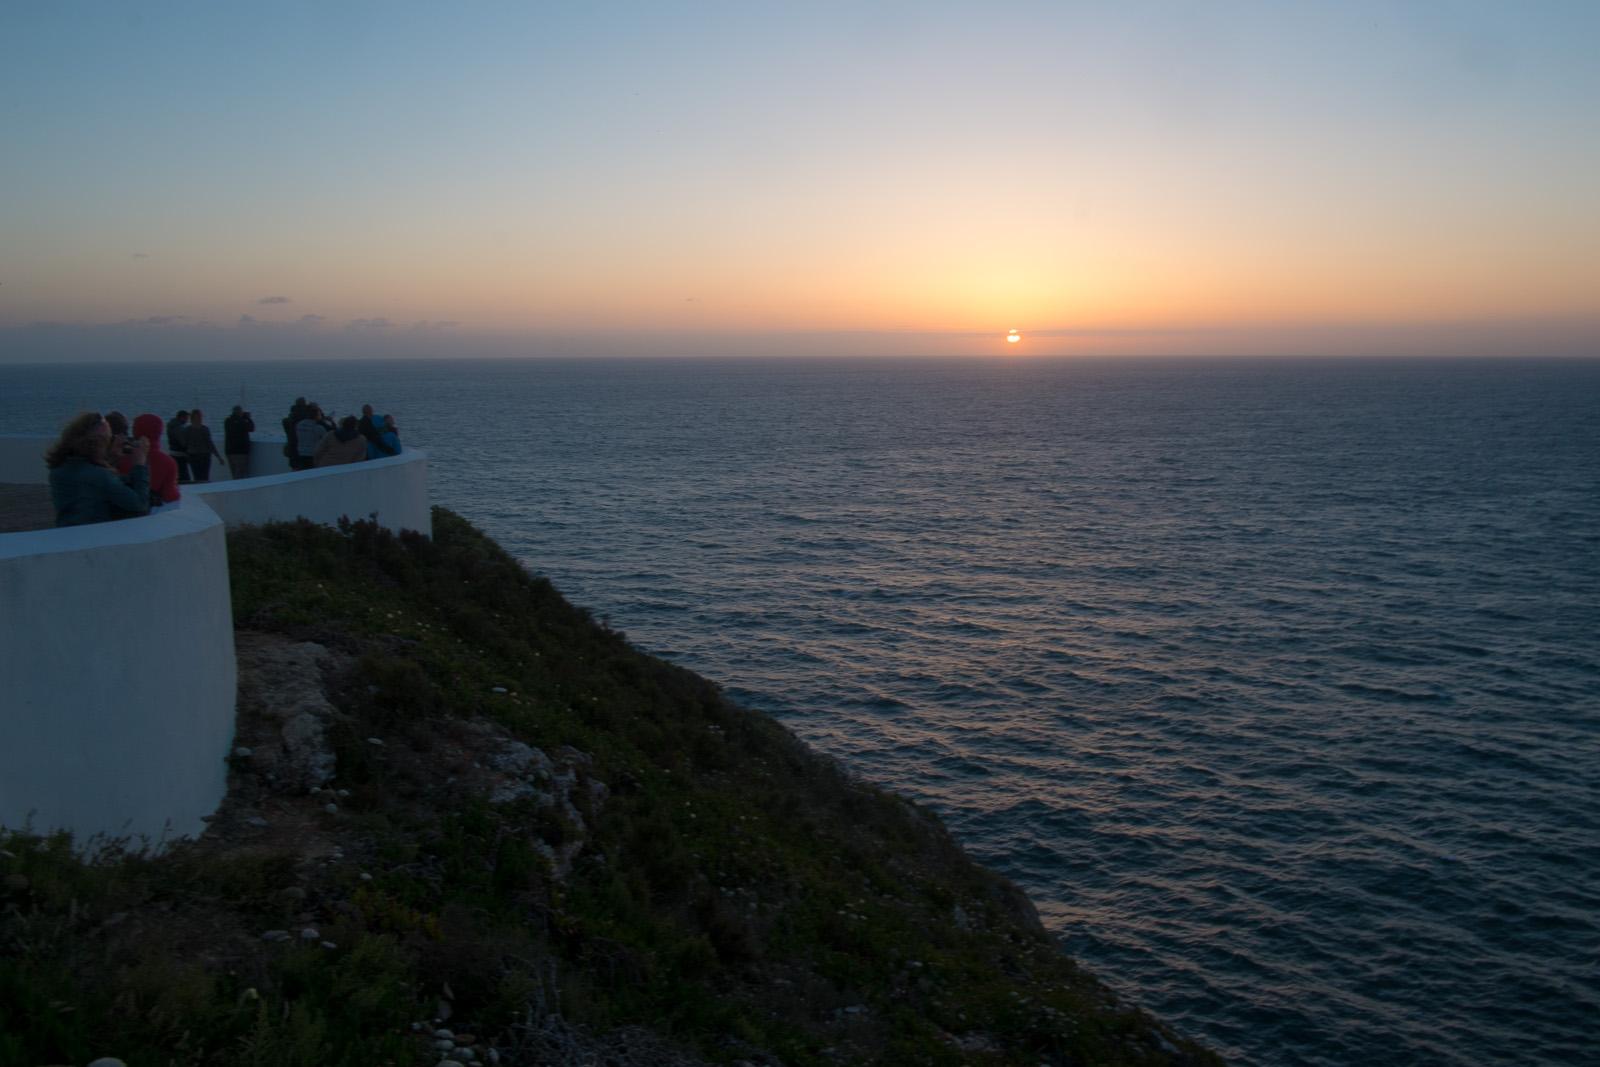 Despedida com o pôr do sol. A equipa no Cabo de S. Vicente, o extremo sudoeste da Europa e de Portuga